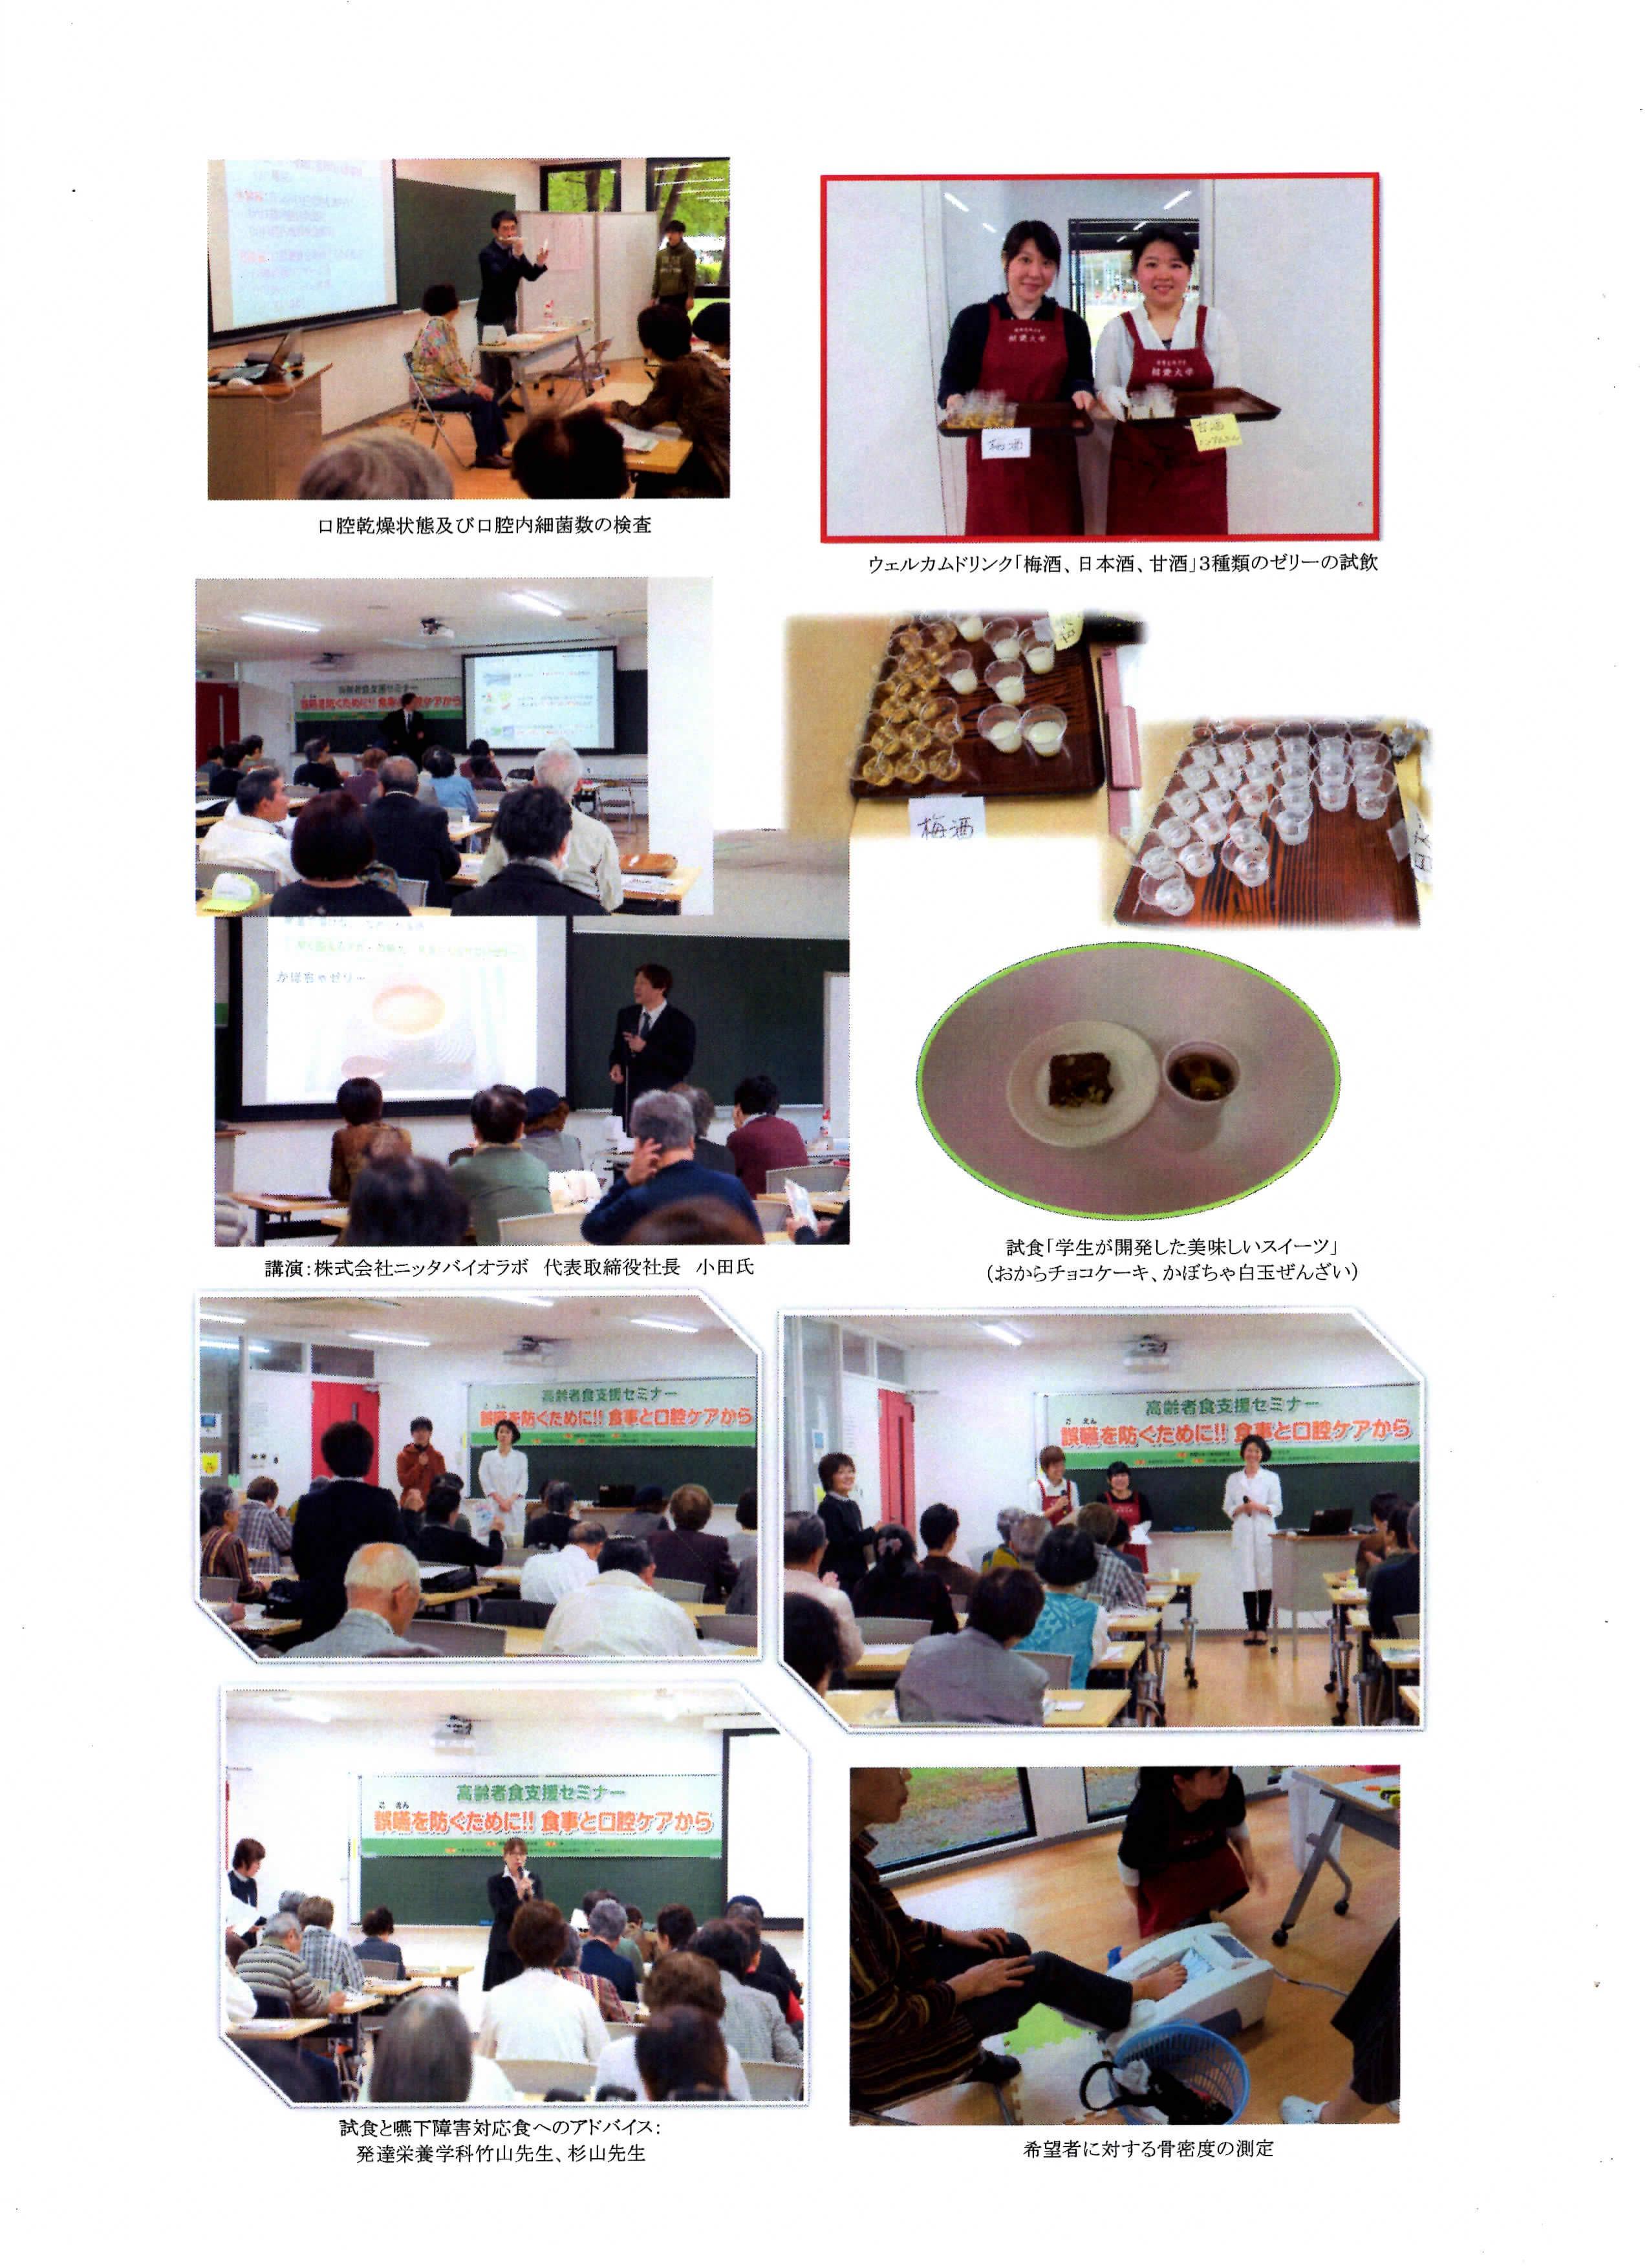 http://www.soai.ac.jp/information/learning/20171015_goen_houkoku_01.jpg